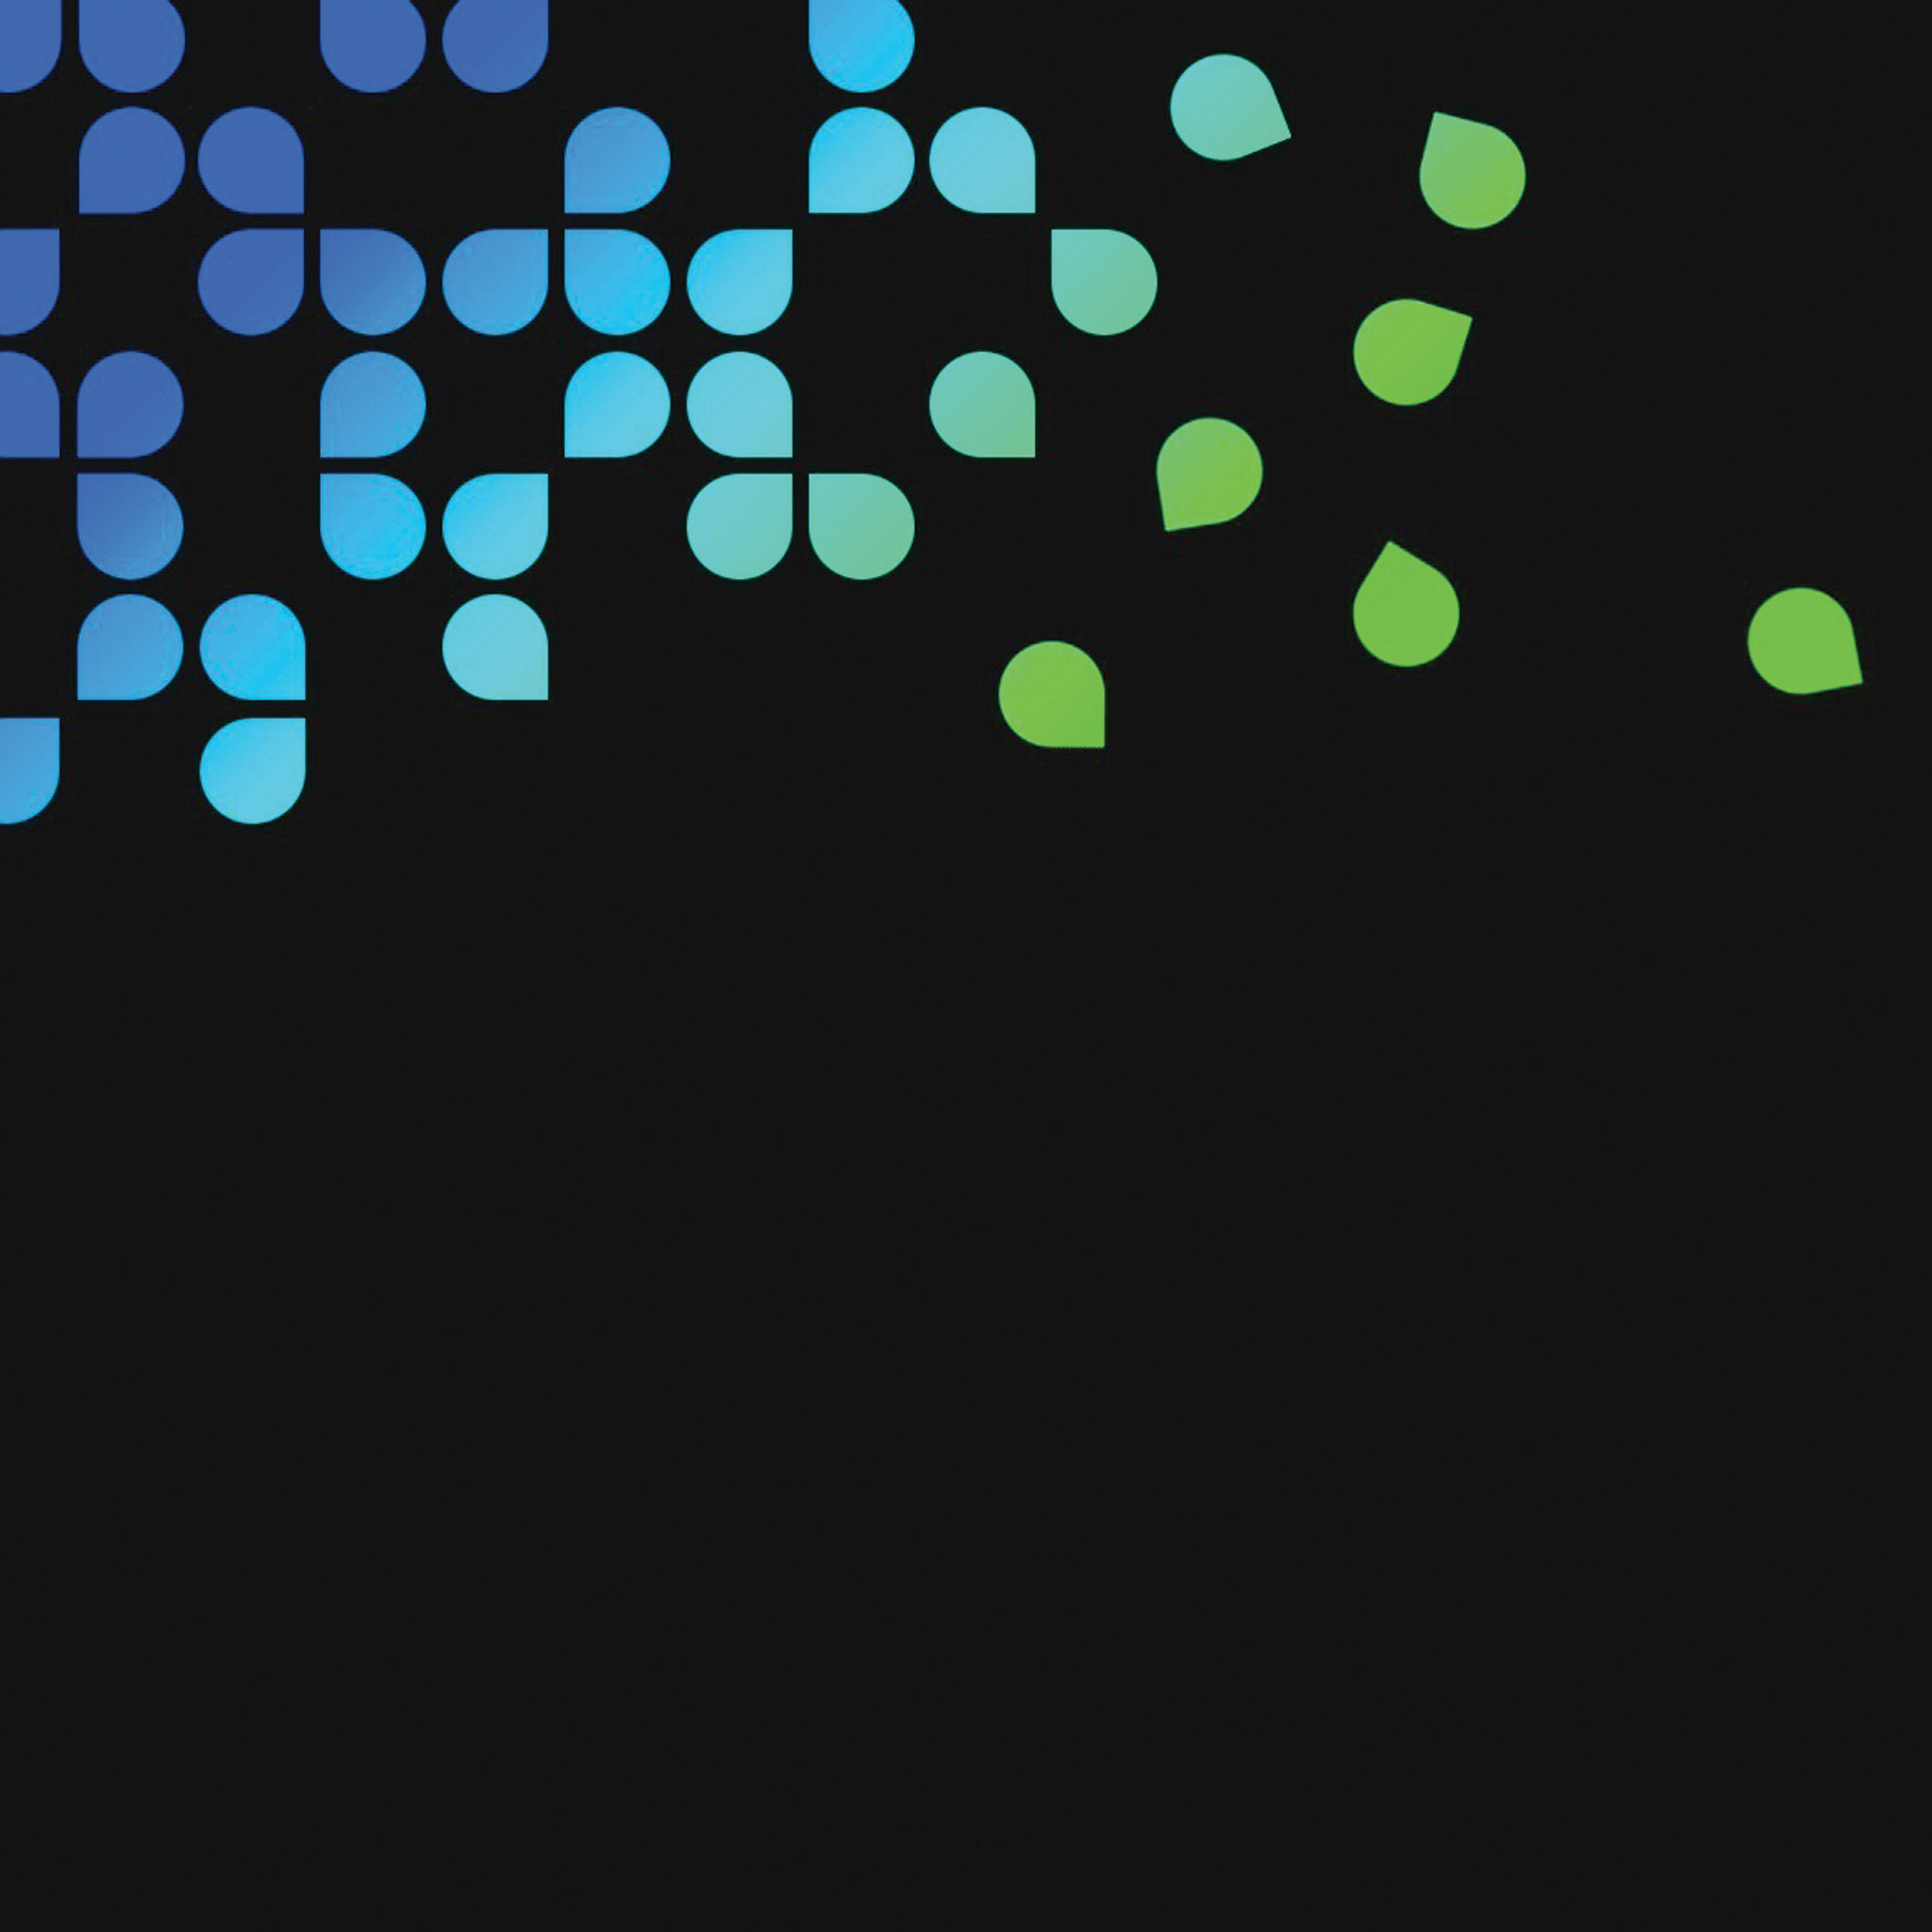 Blue-Green-Petals-3Wallpapers-iPad-Retina